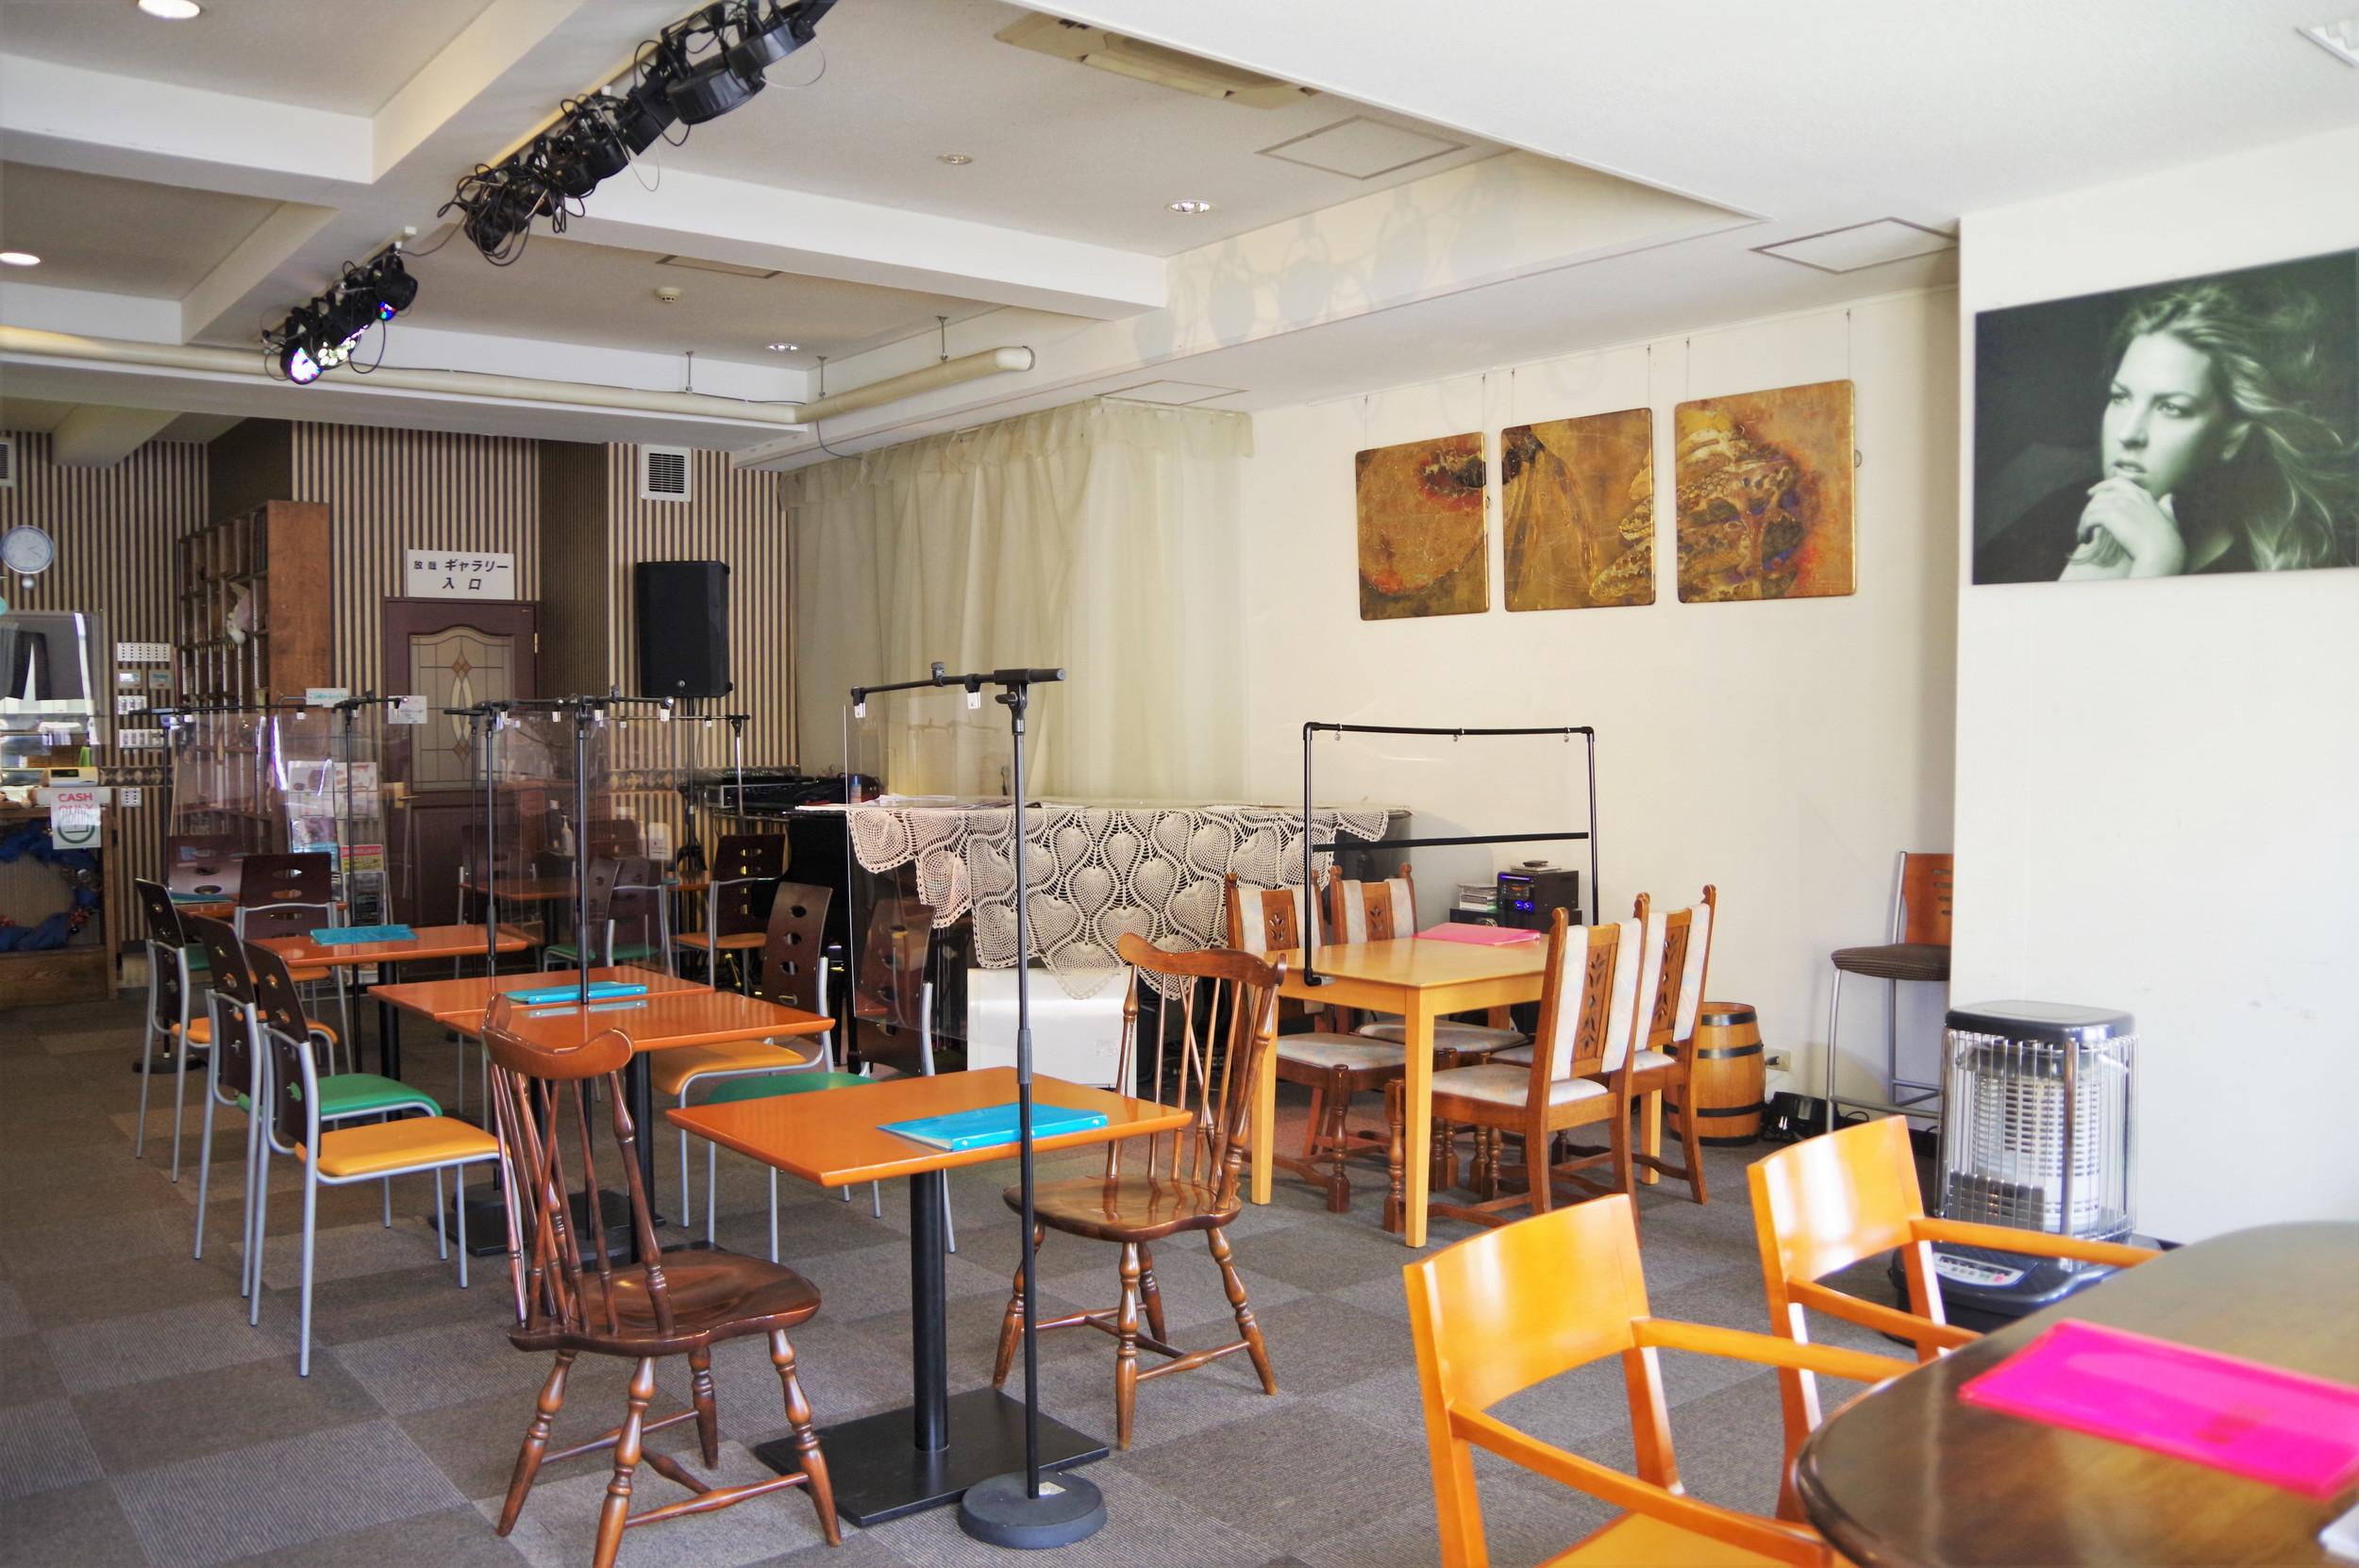 店内の一角にはグランドピアノや大型スピーカーなどがあり、天井にはスポットライトも吊るされています